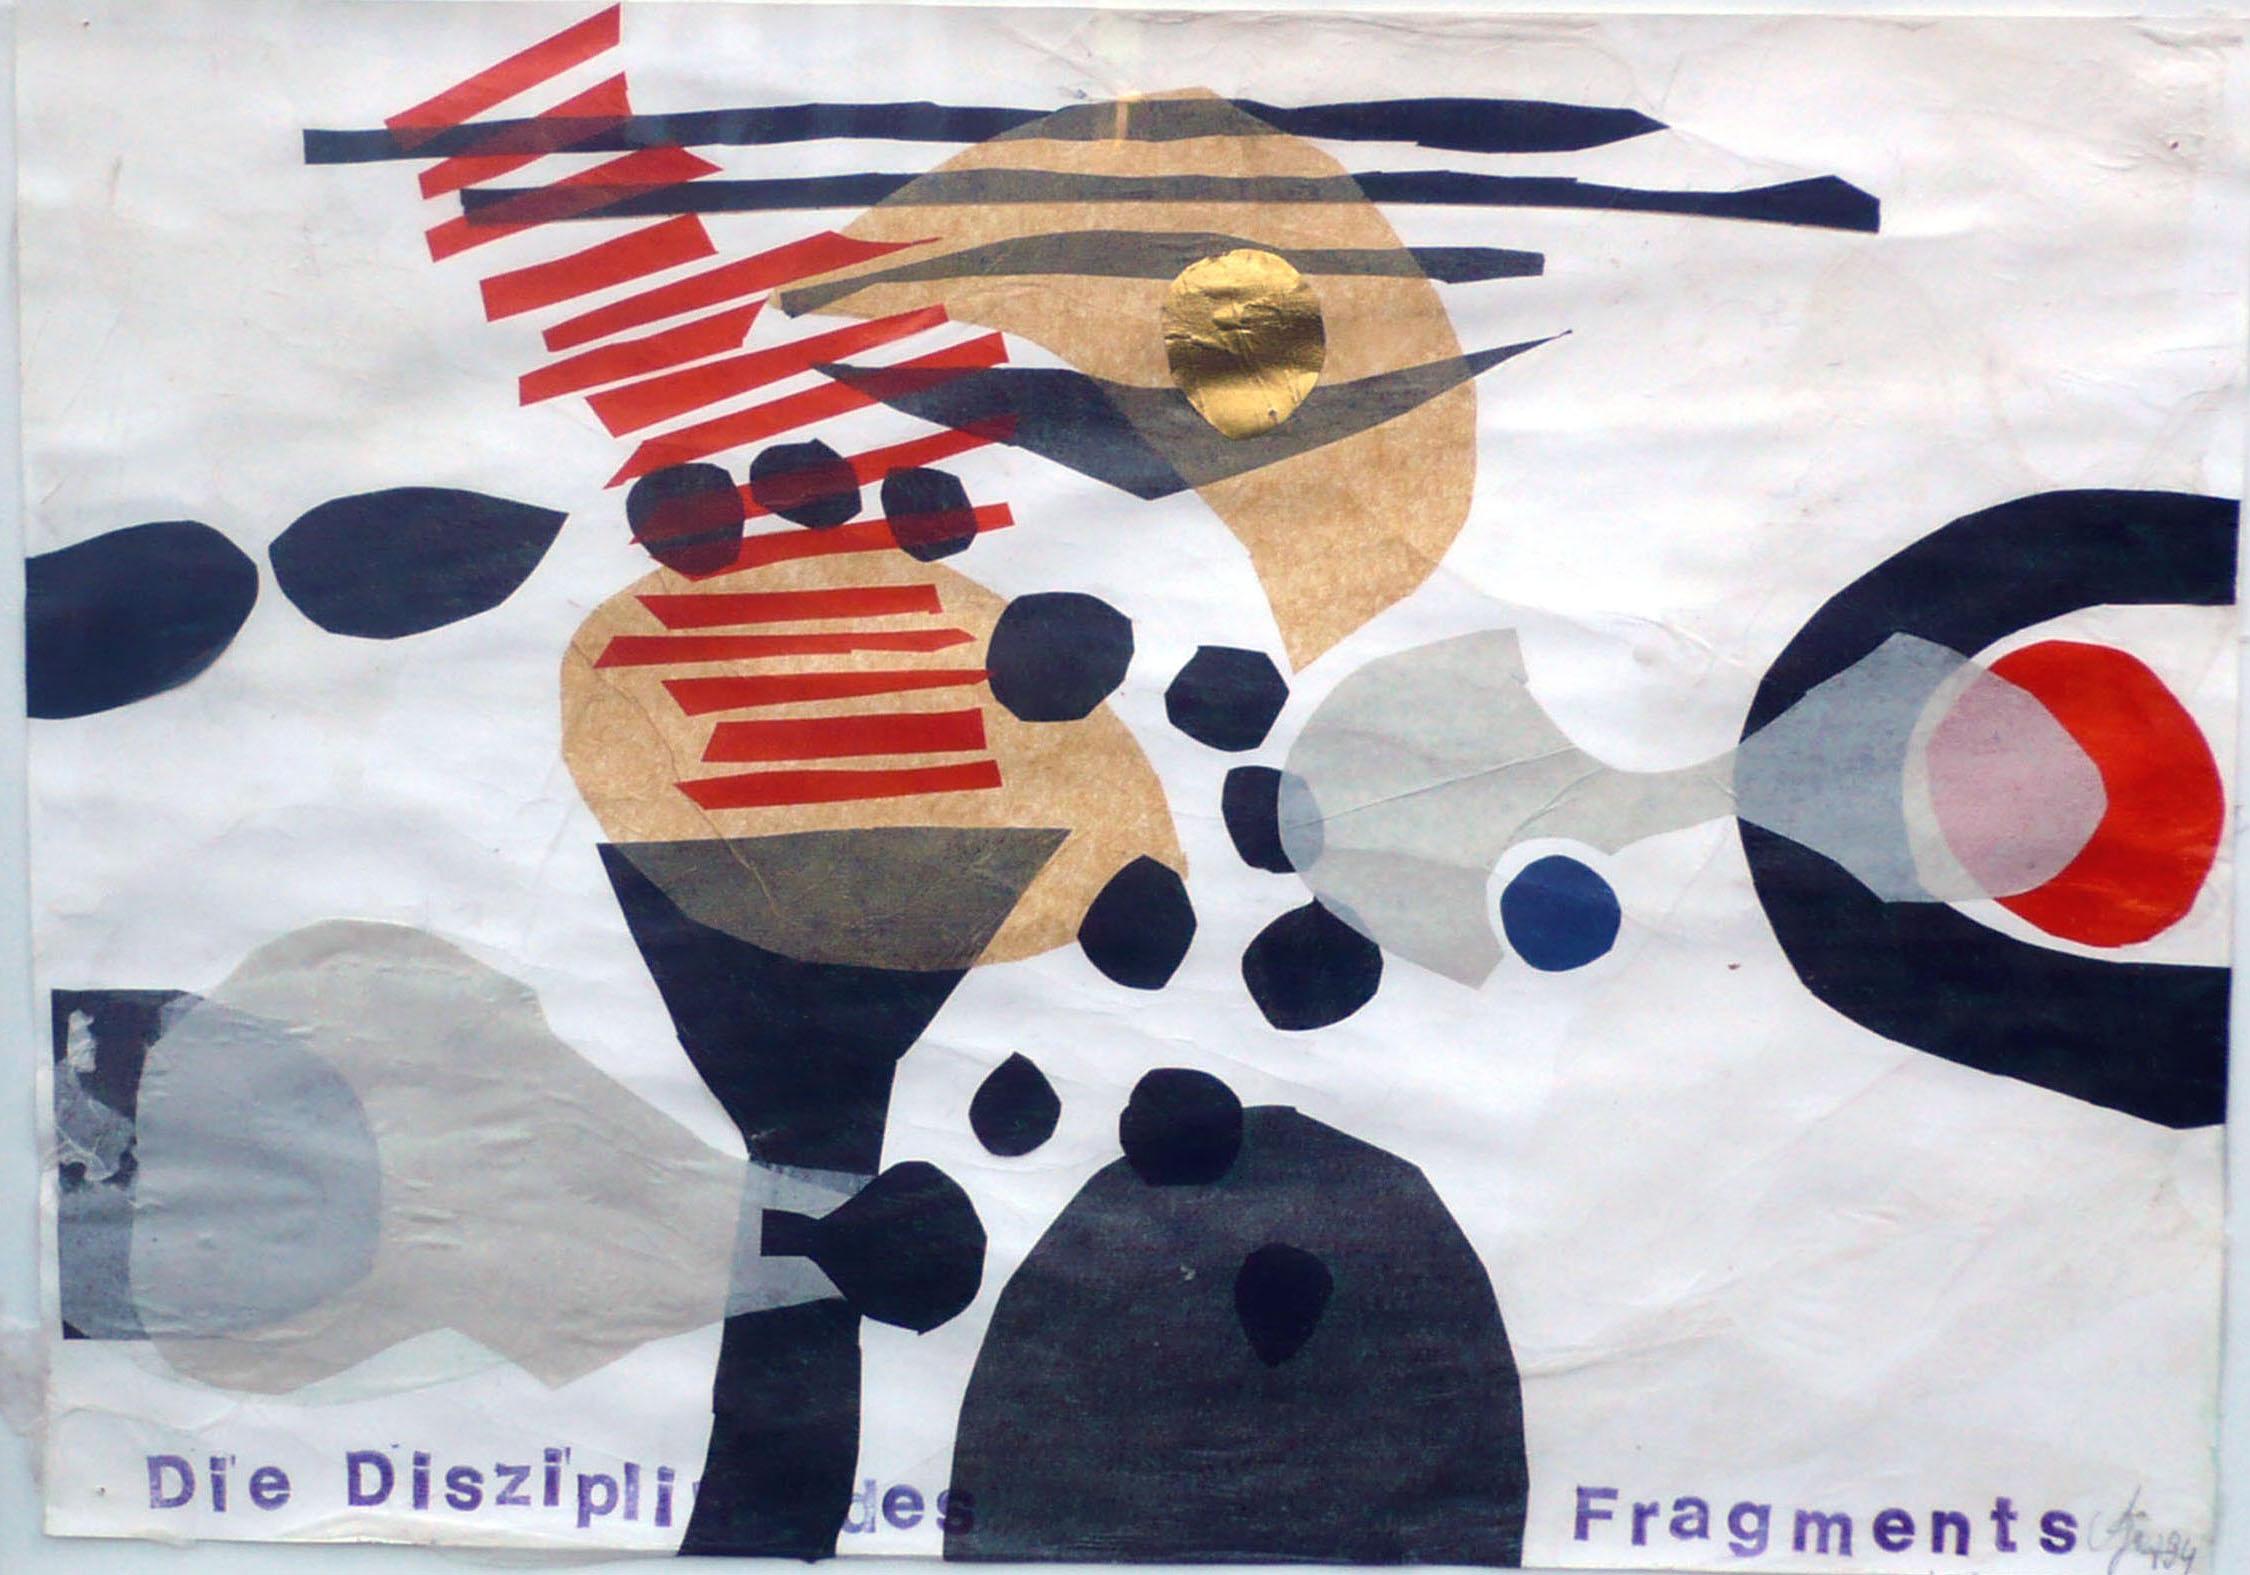 Disziplin des Fragments